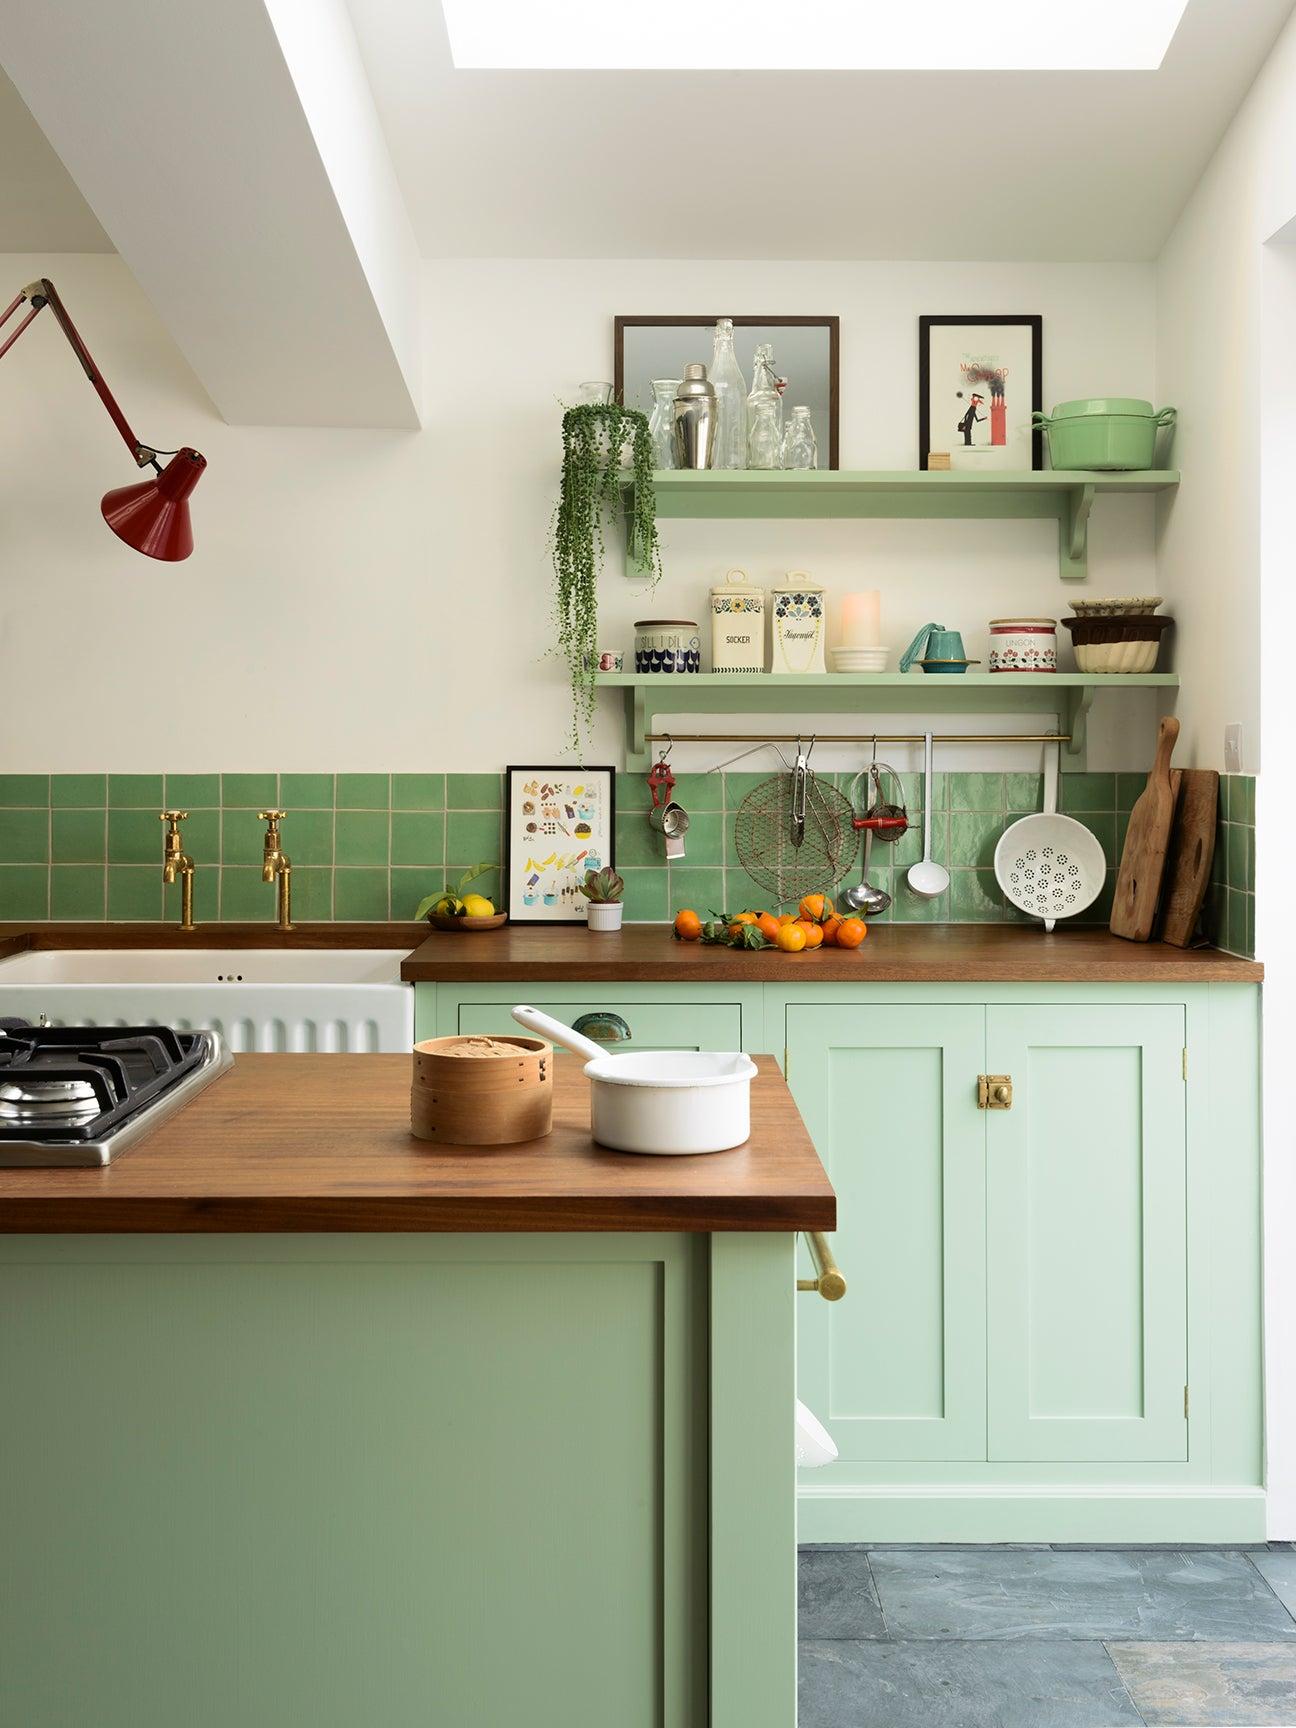 keuken opruimen